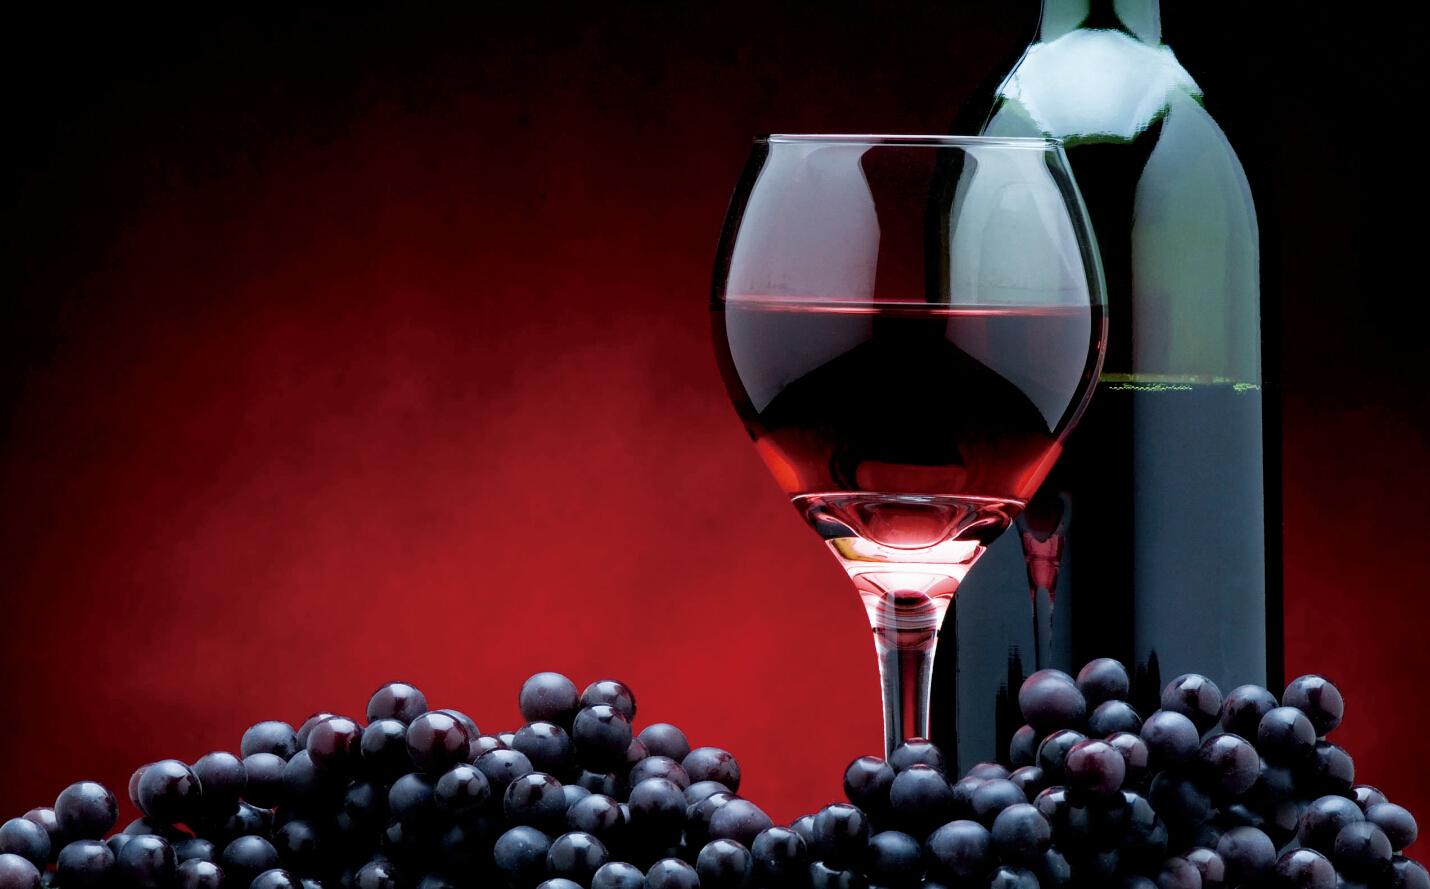 北京塑料桶装葡萄酒图片